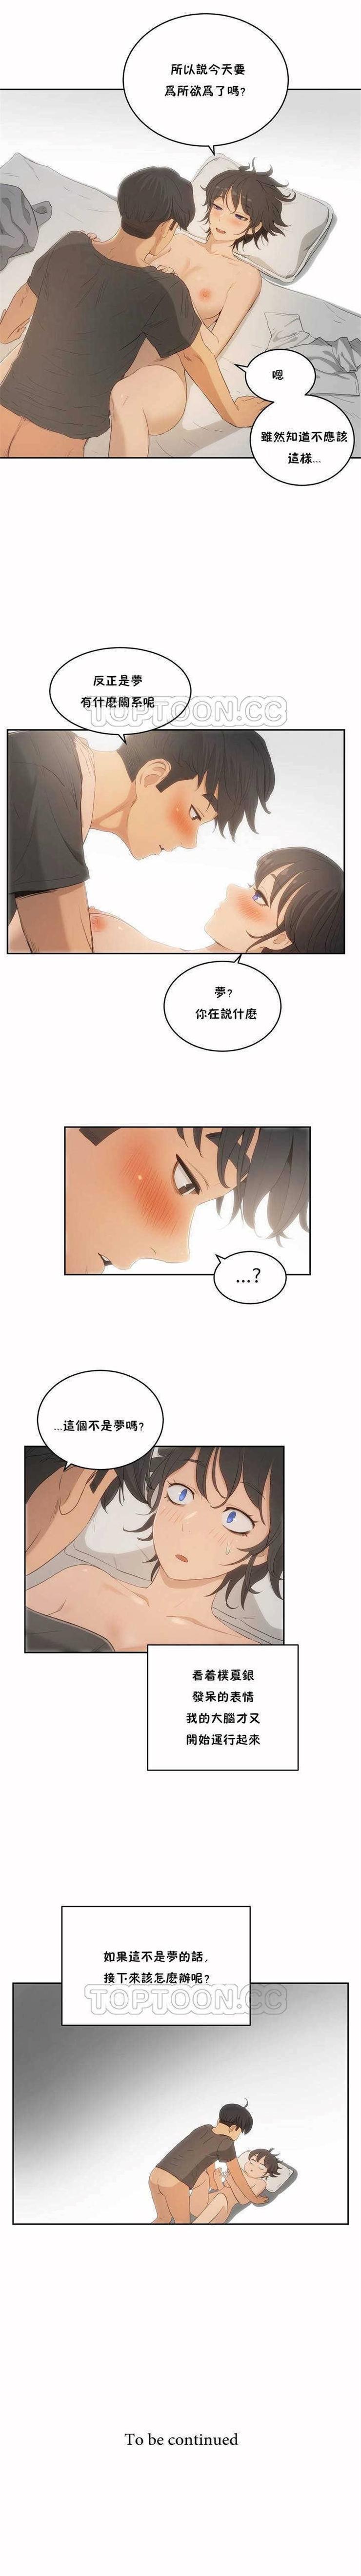 性教育 1-48.5 中文翻译(完結) 24